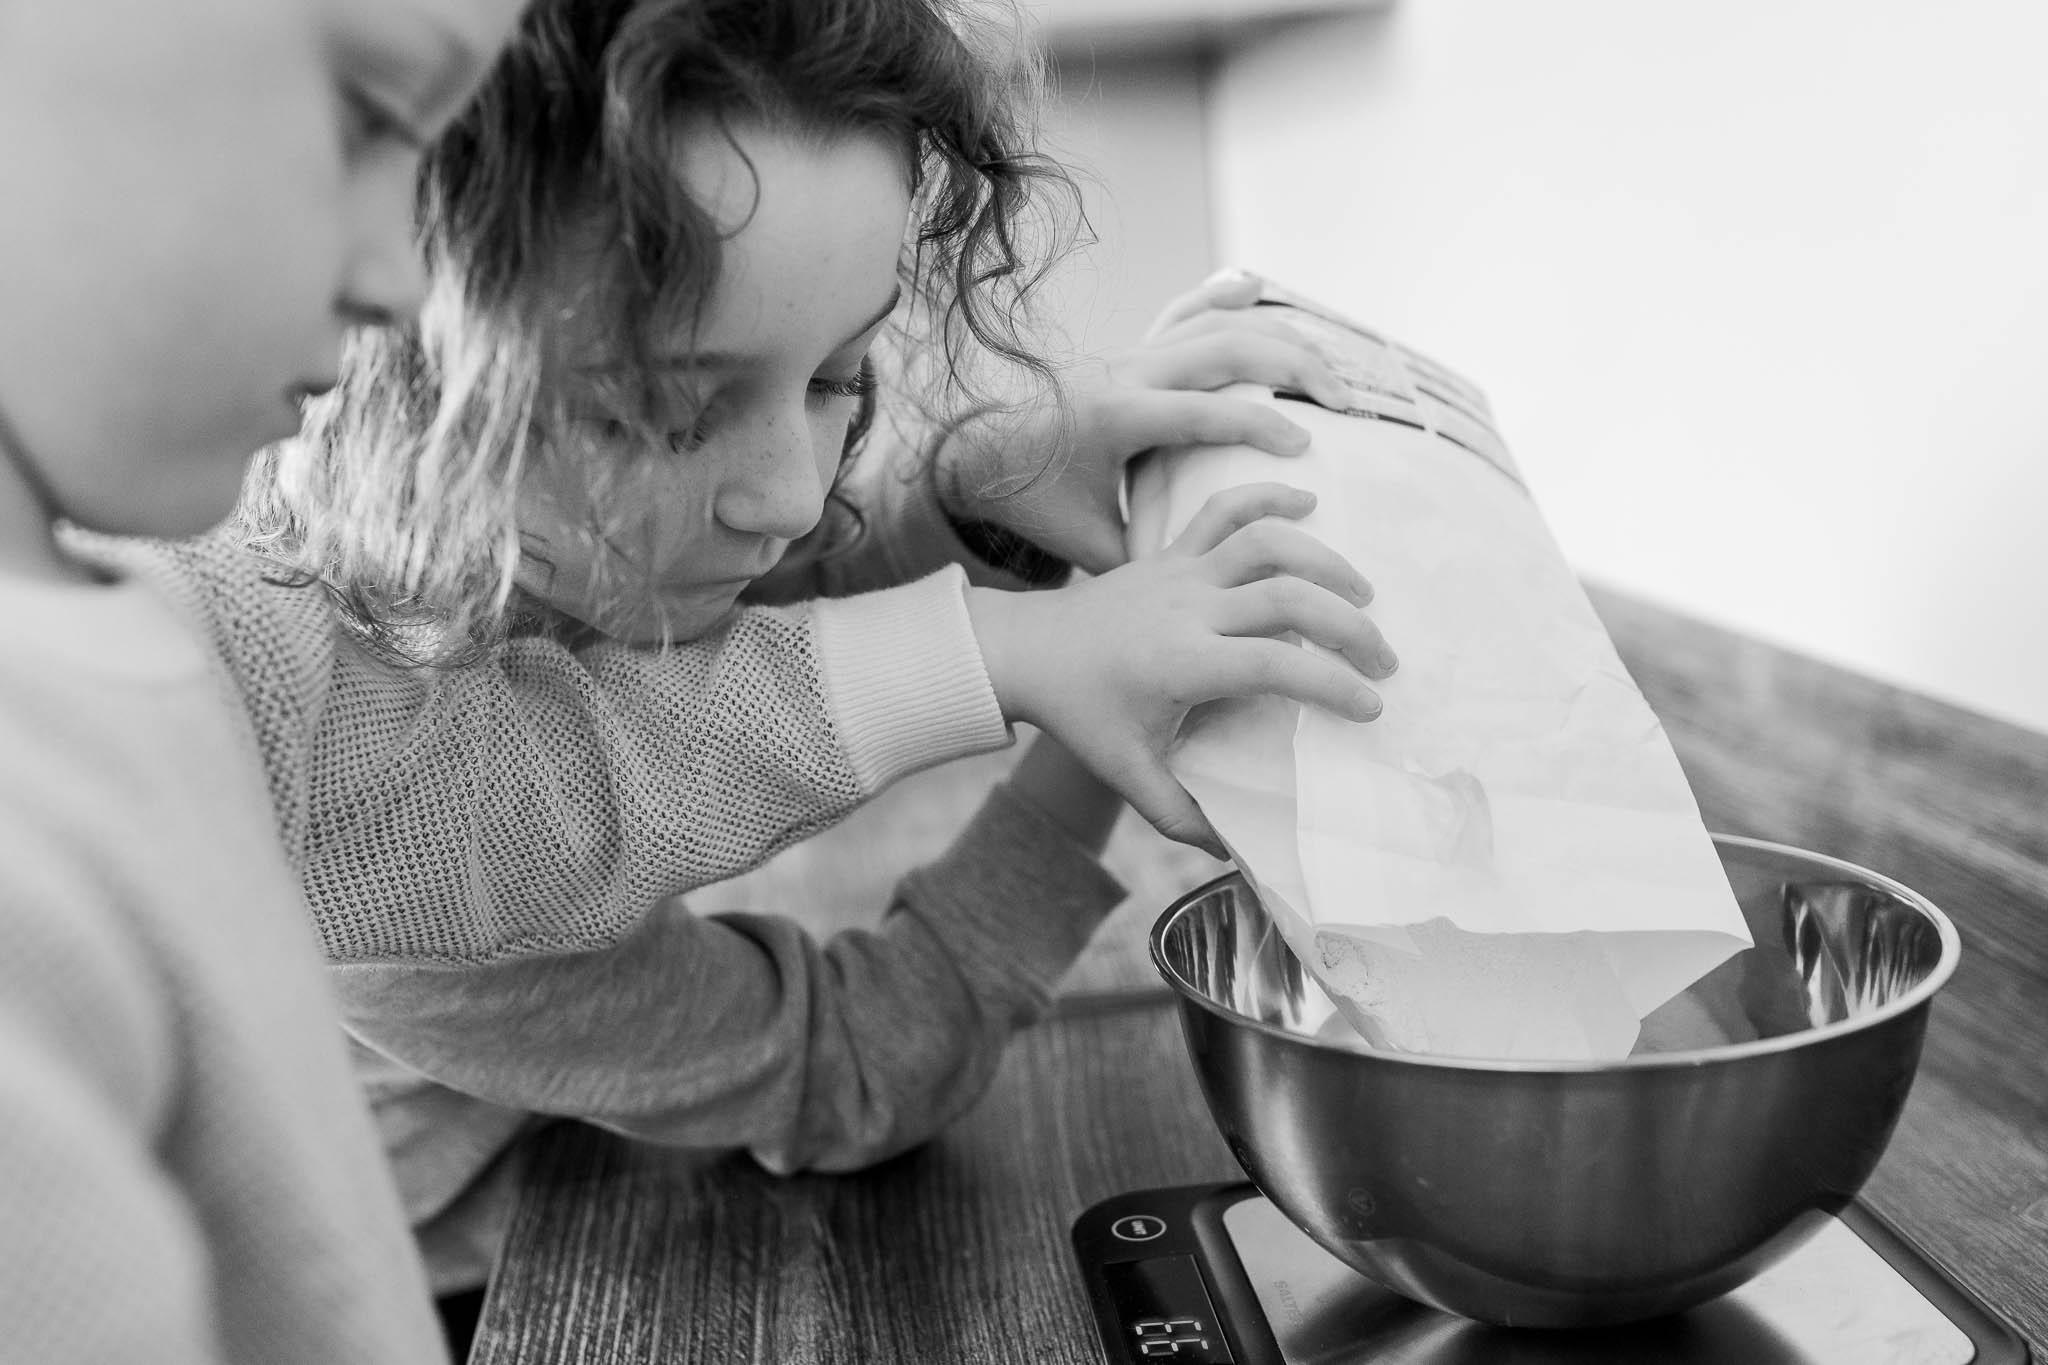 Pancake Making Family Photo Shoot - Essex